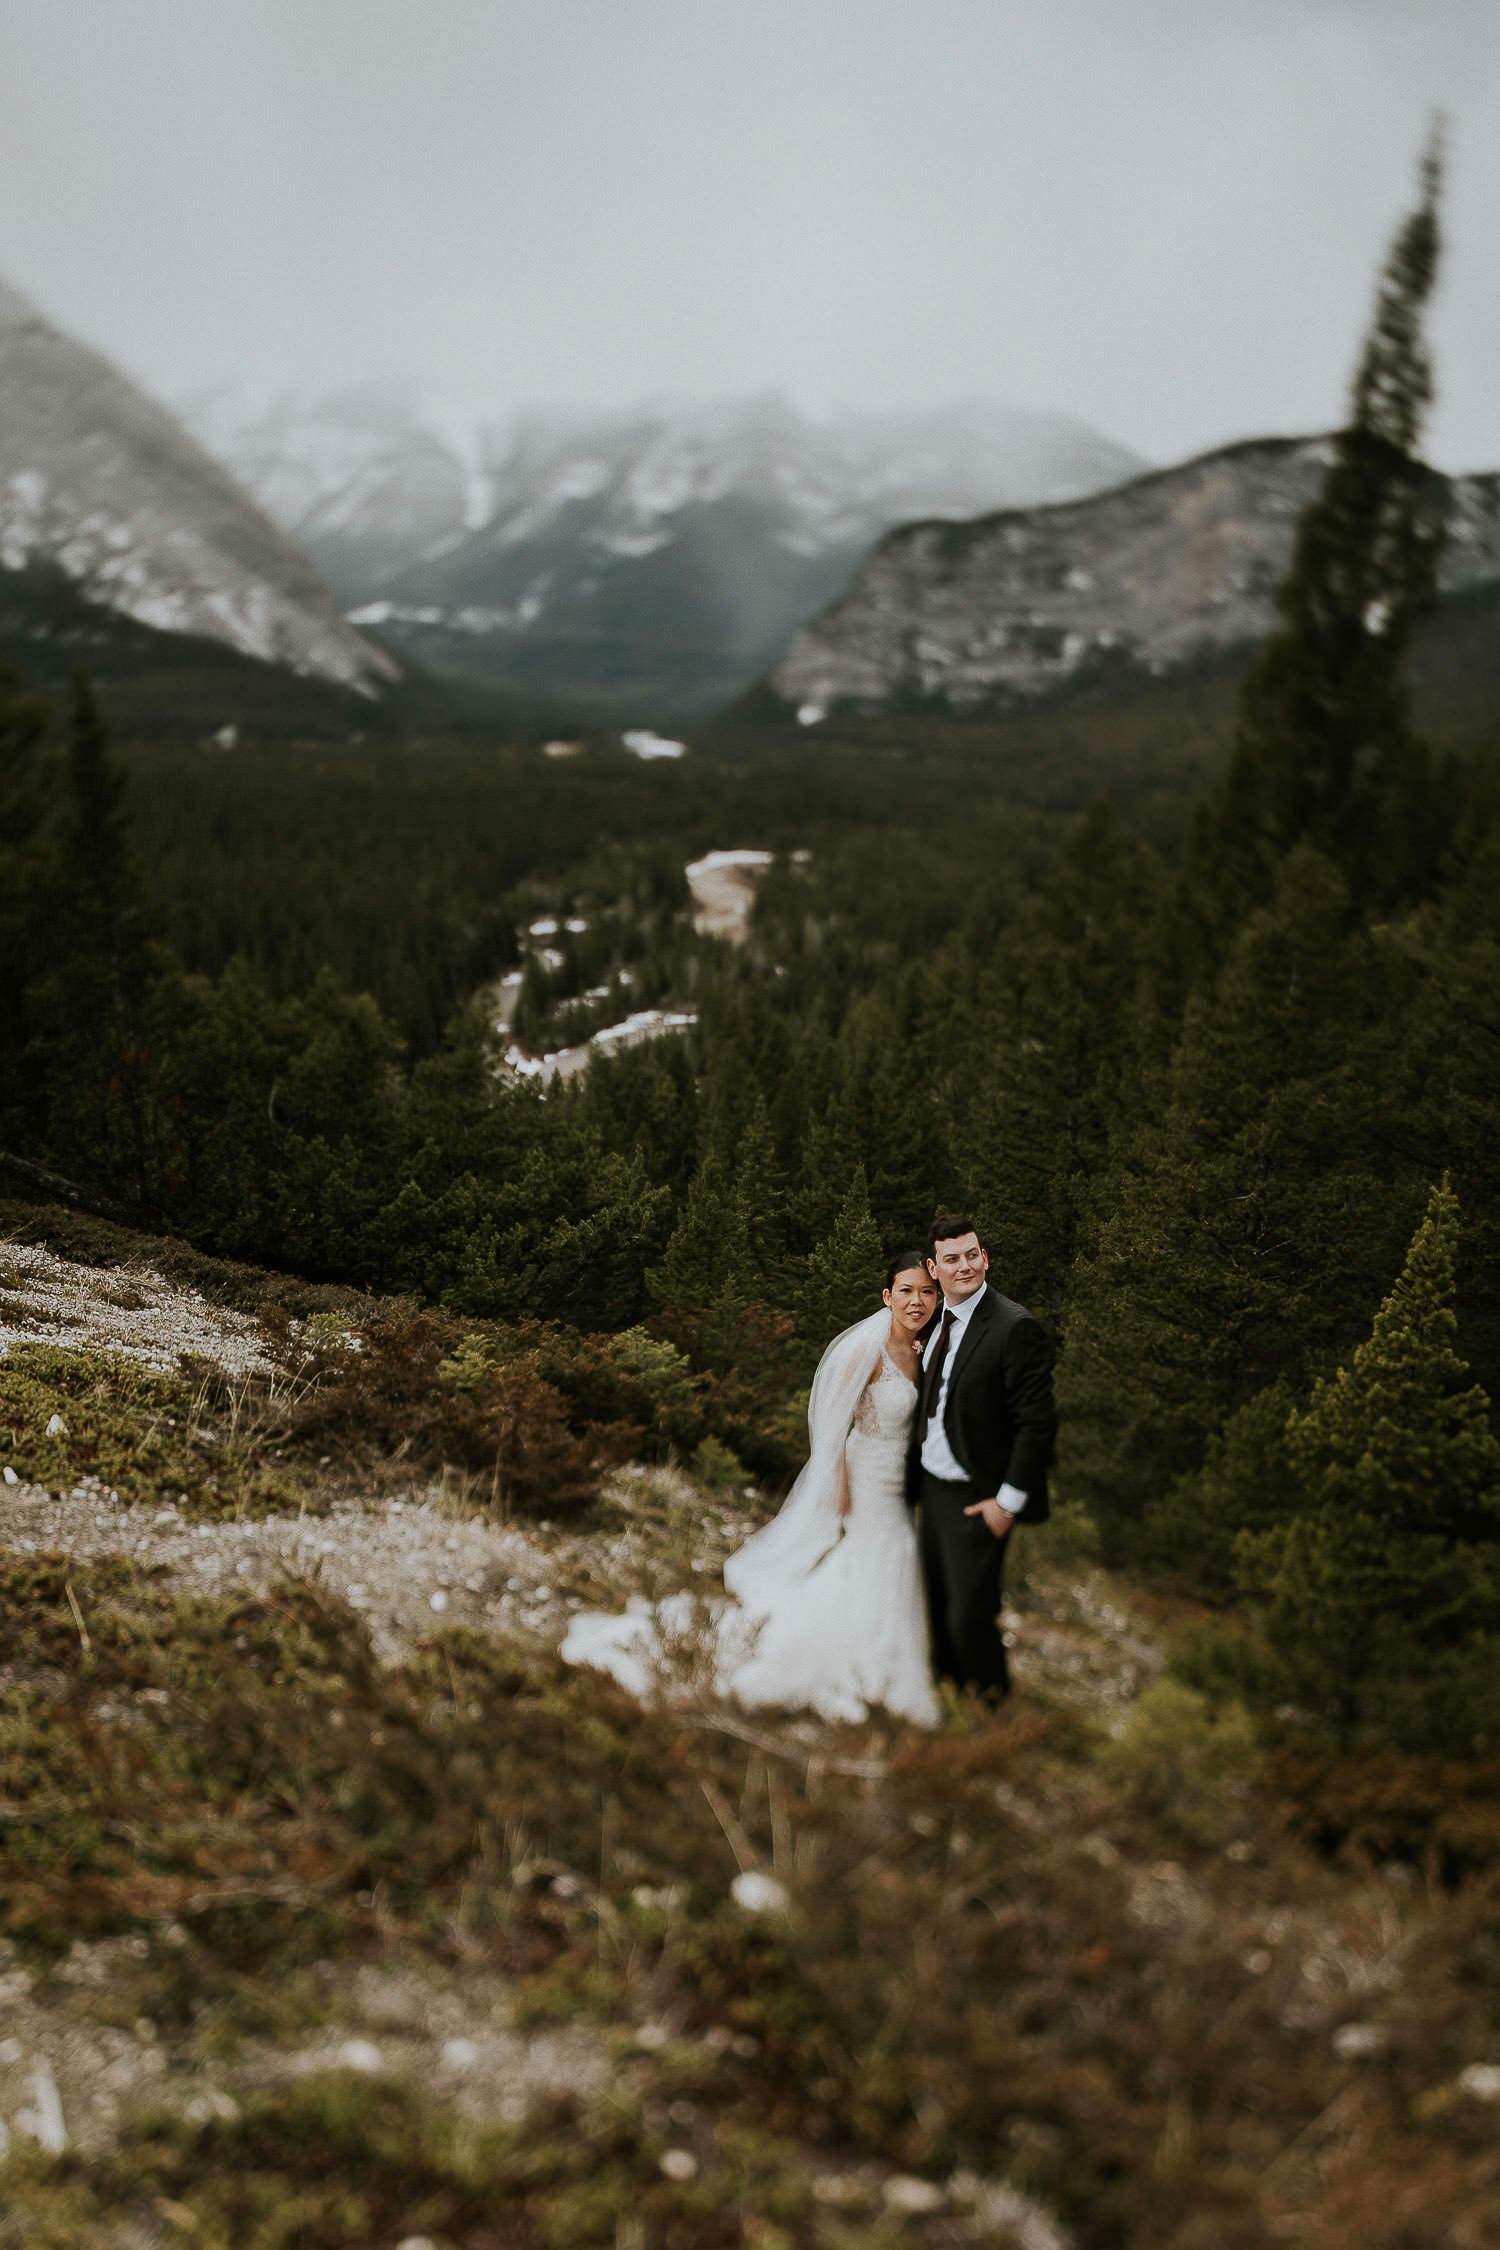 intimate-wedding-at-banff-springs-hotel-sarah-pukin-0187